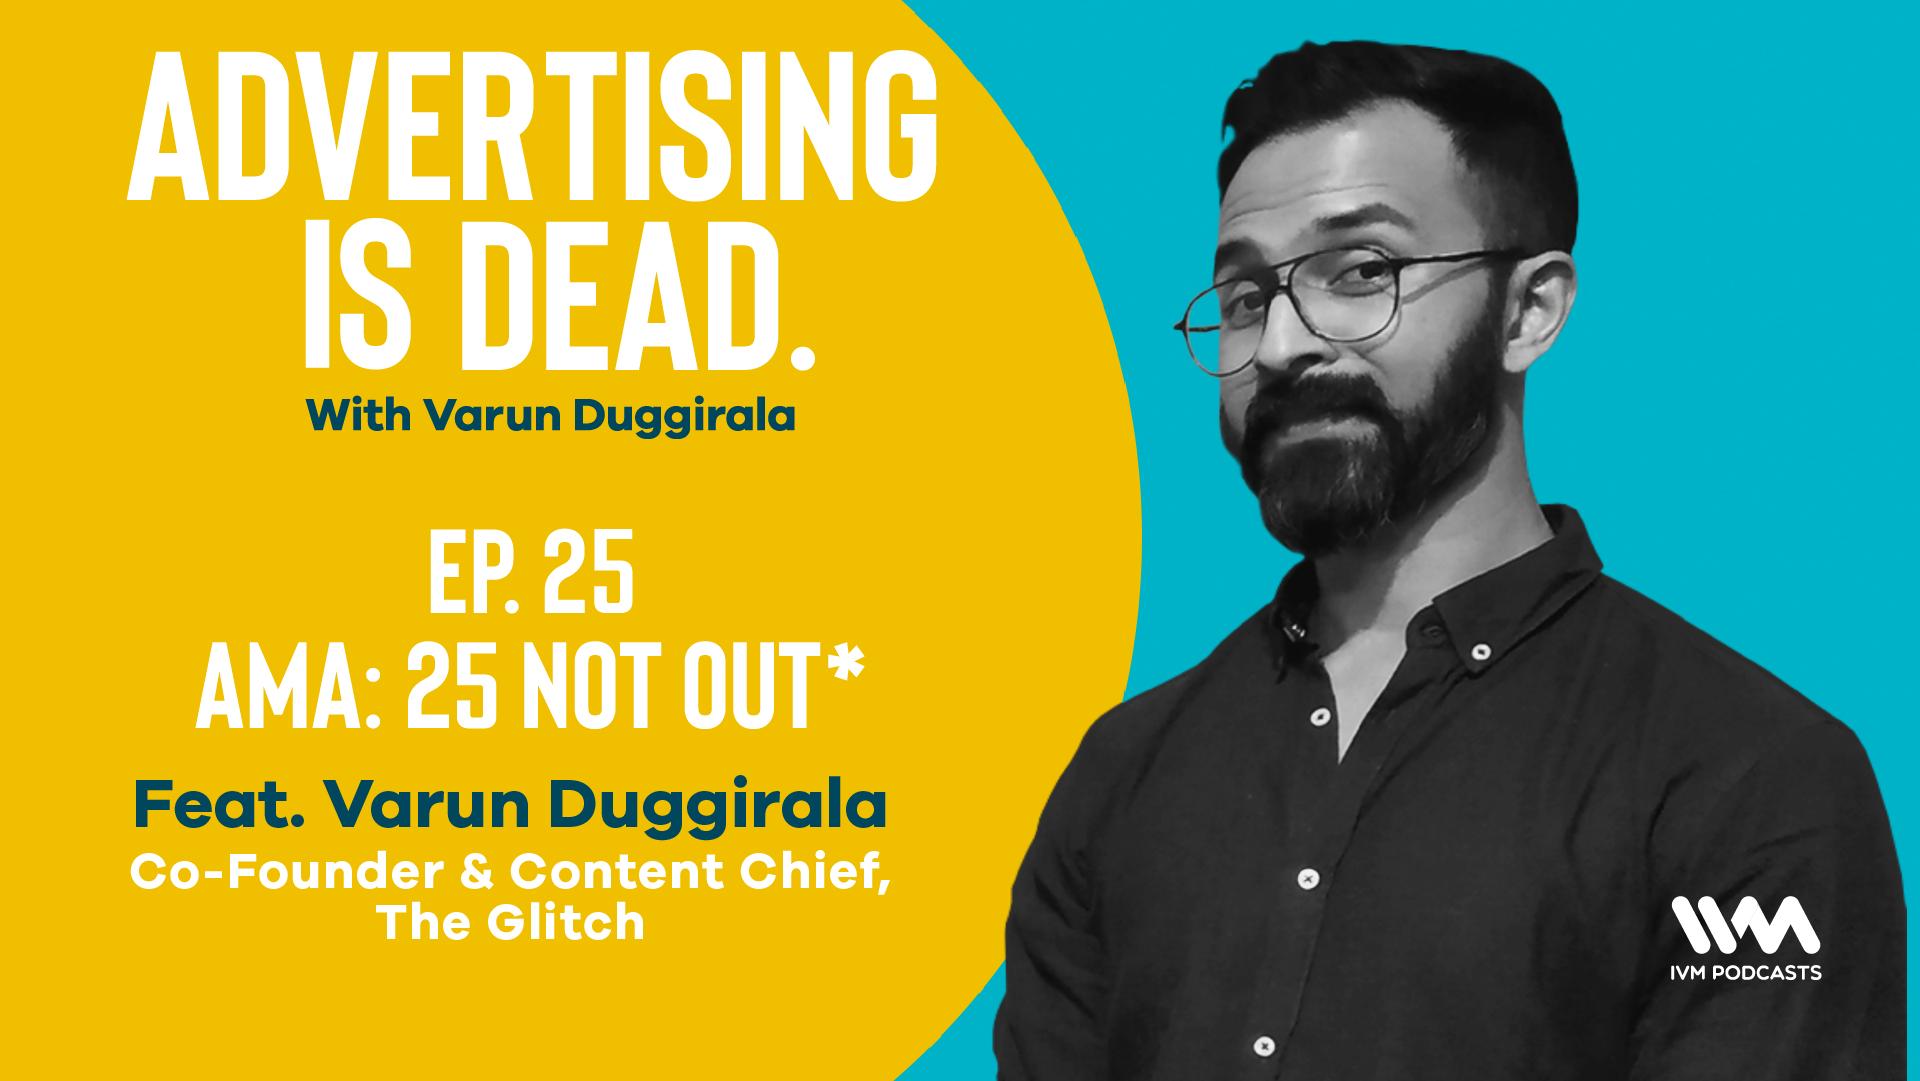 AdvertisingIsDeadEp25.png